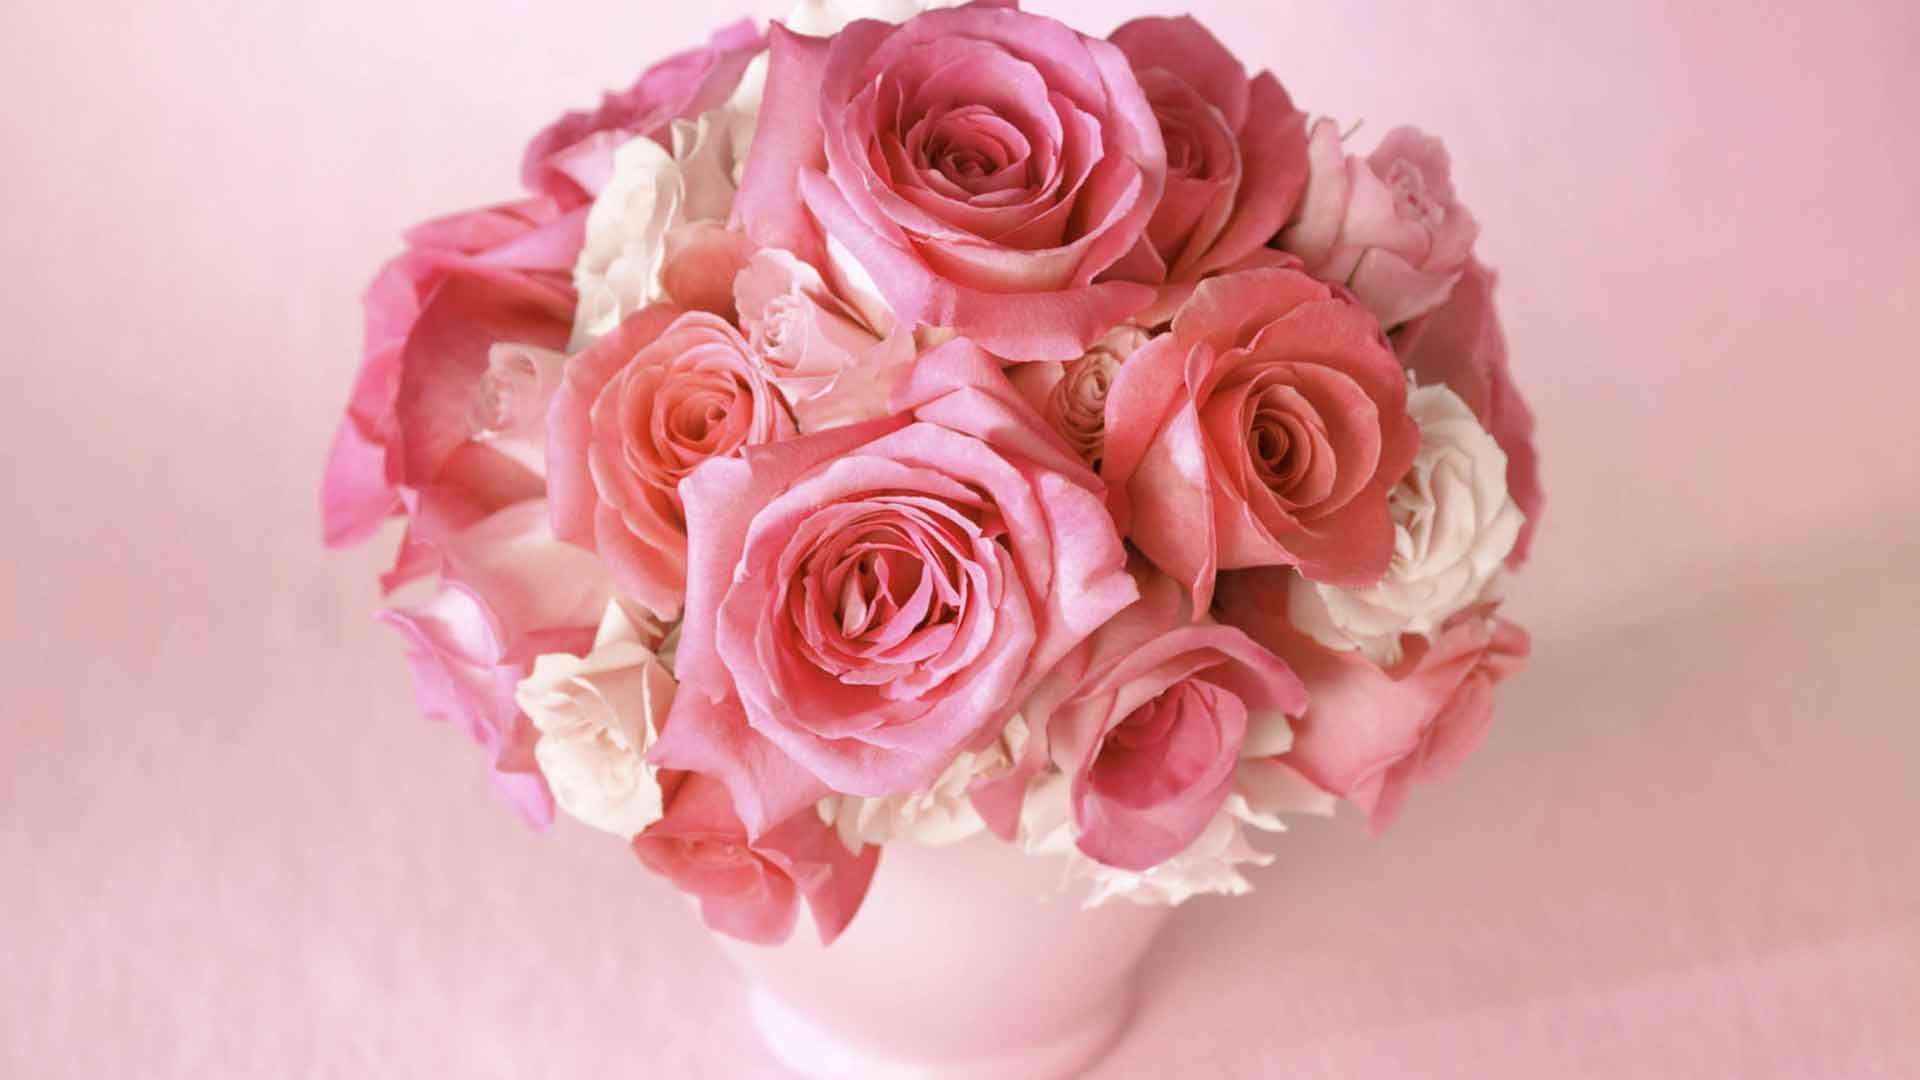 Обои в розовых тонах букет в розовых